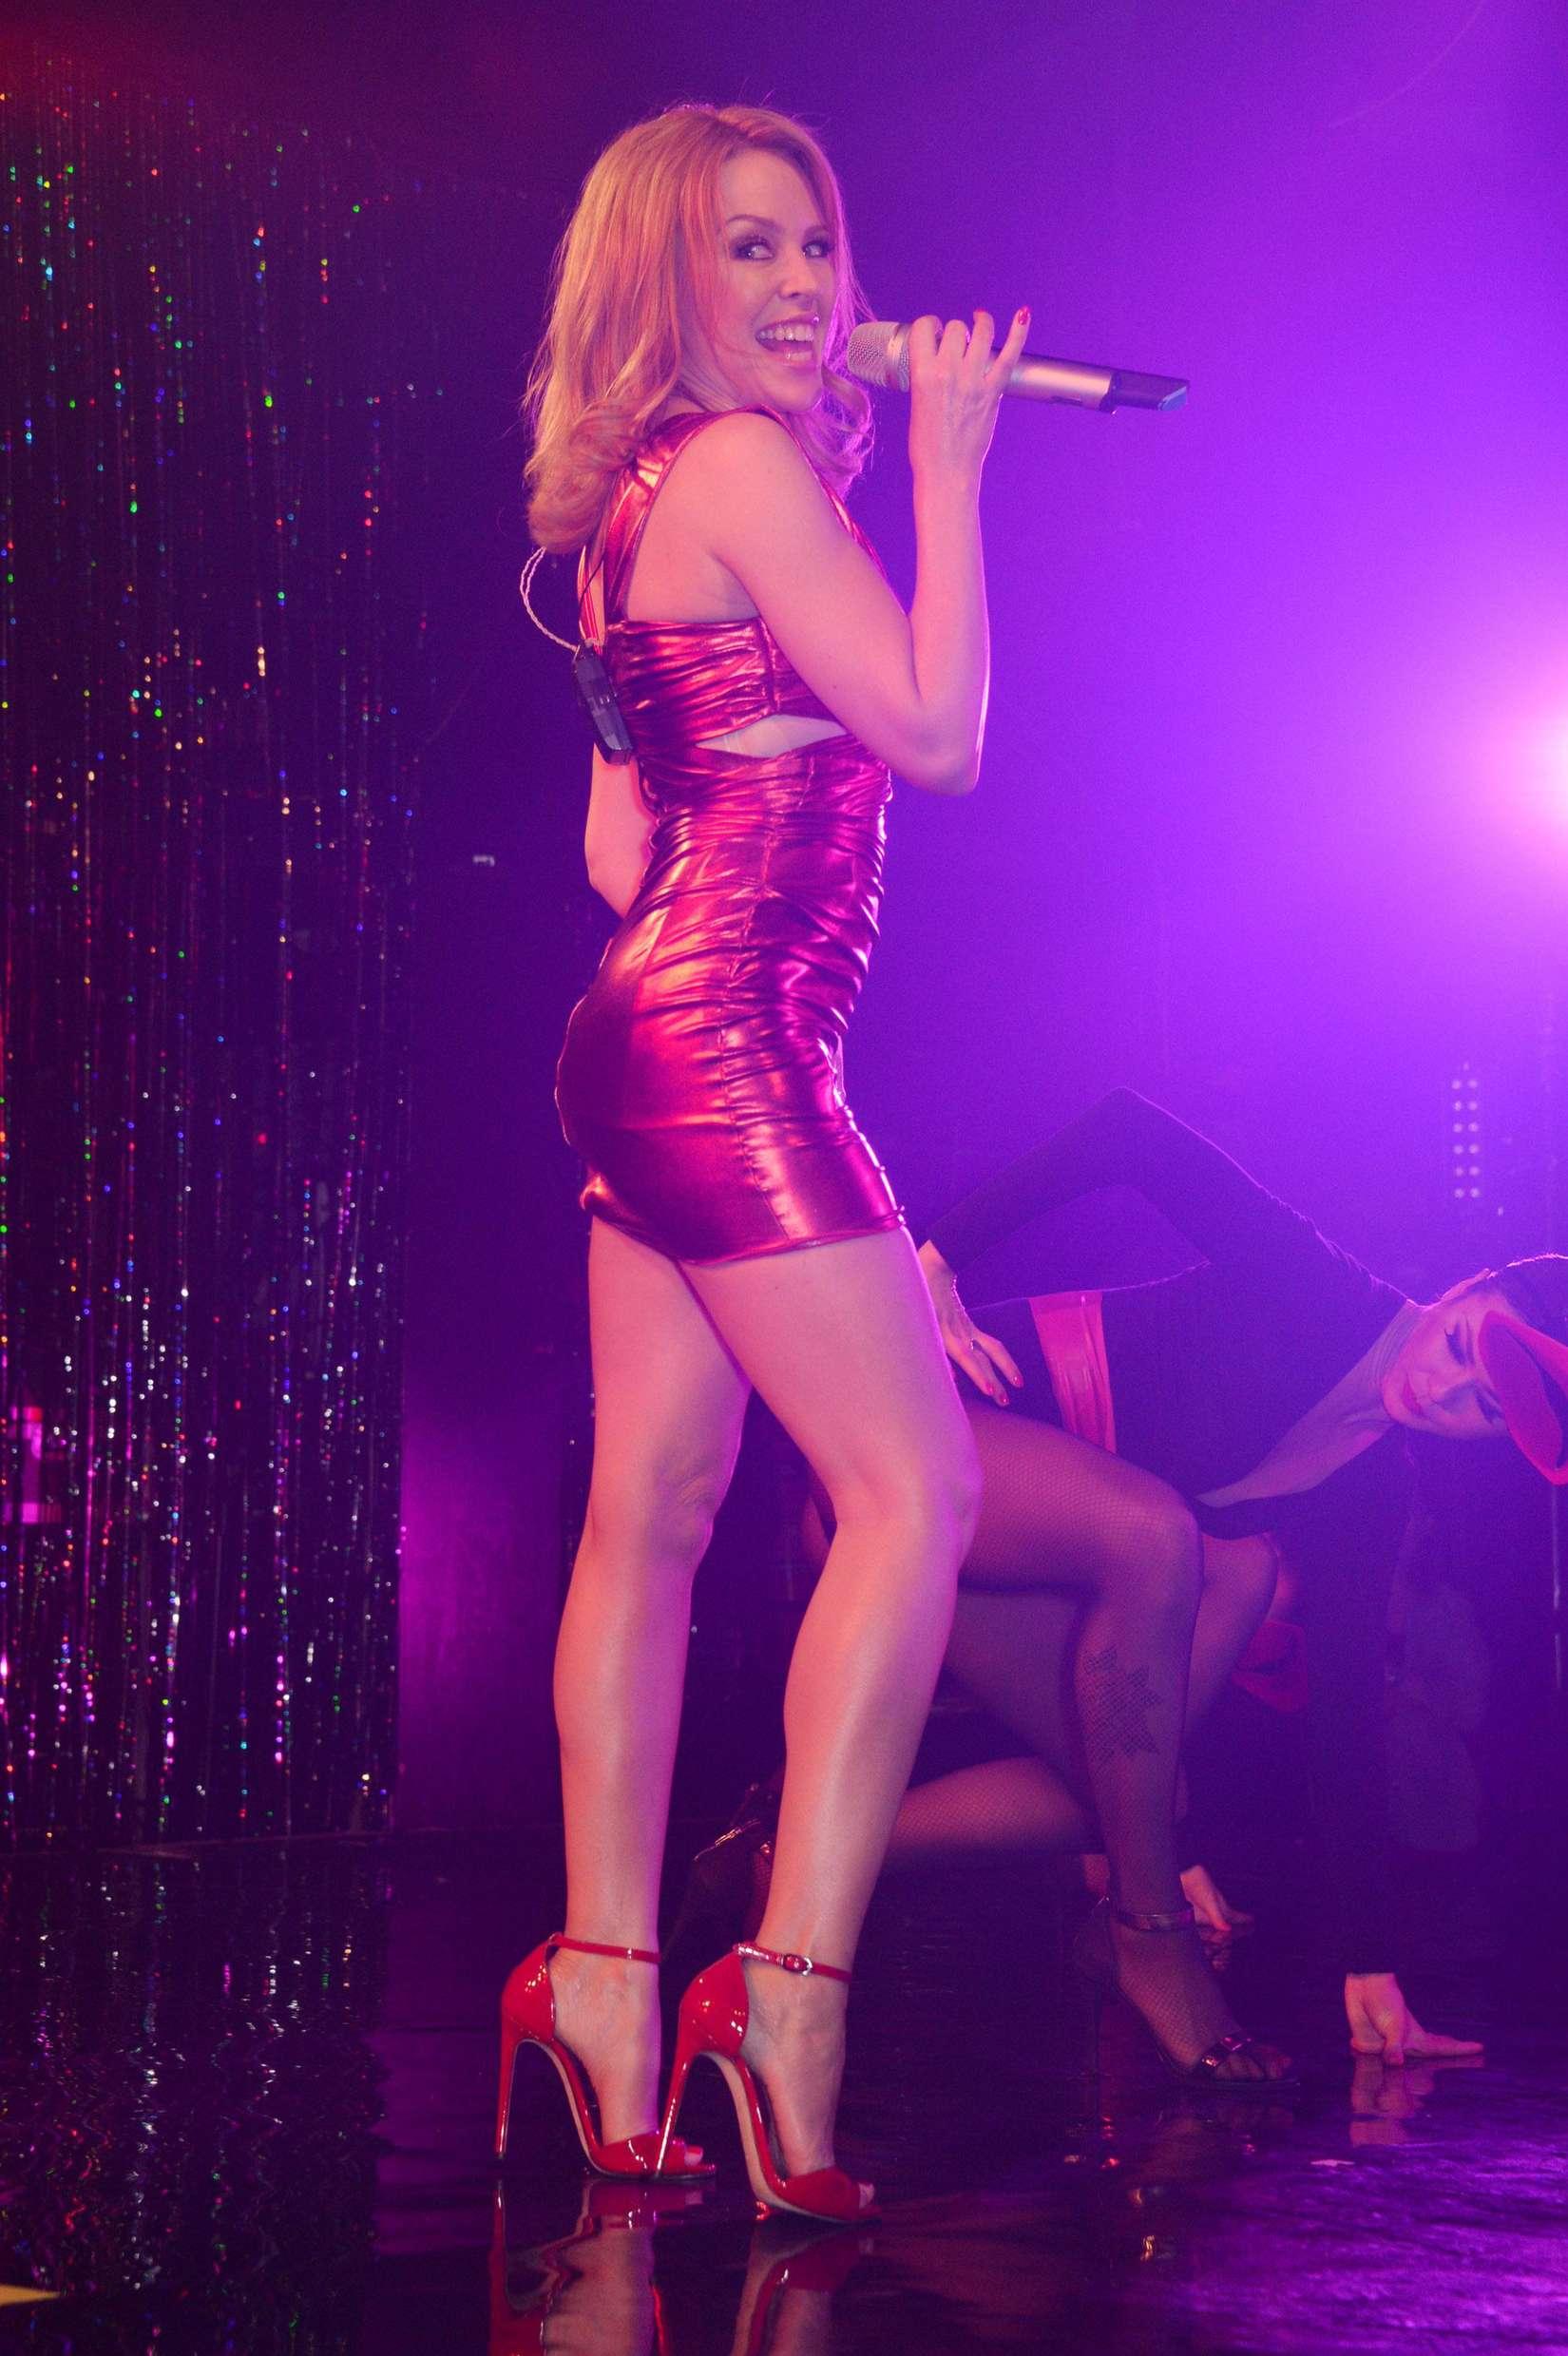 Miley cyrus show live hot - 2 part 6